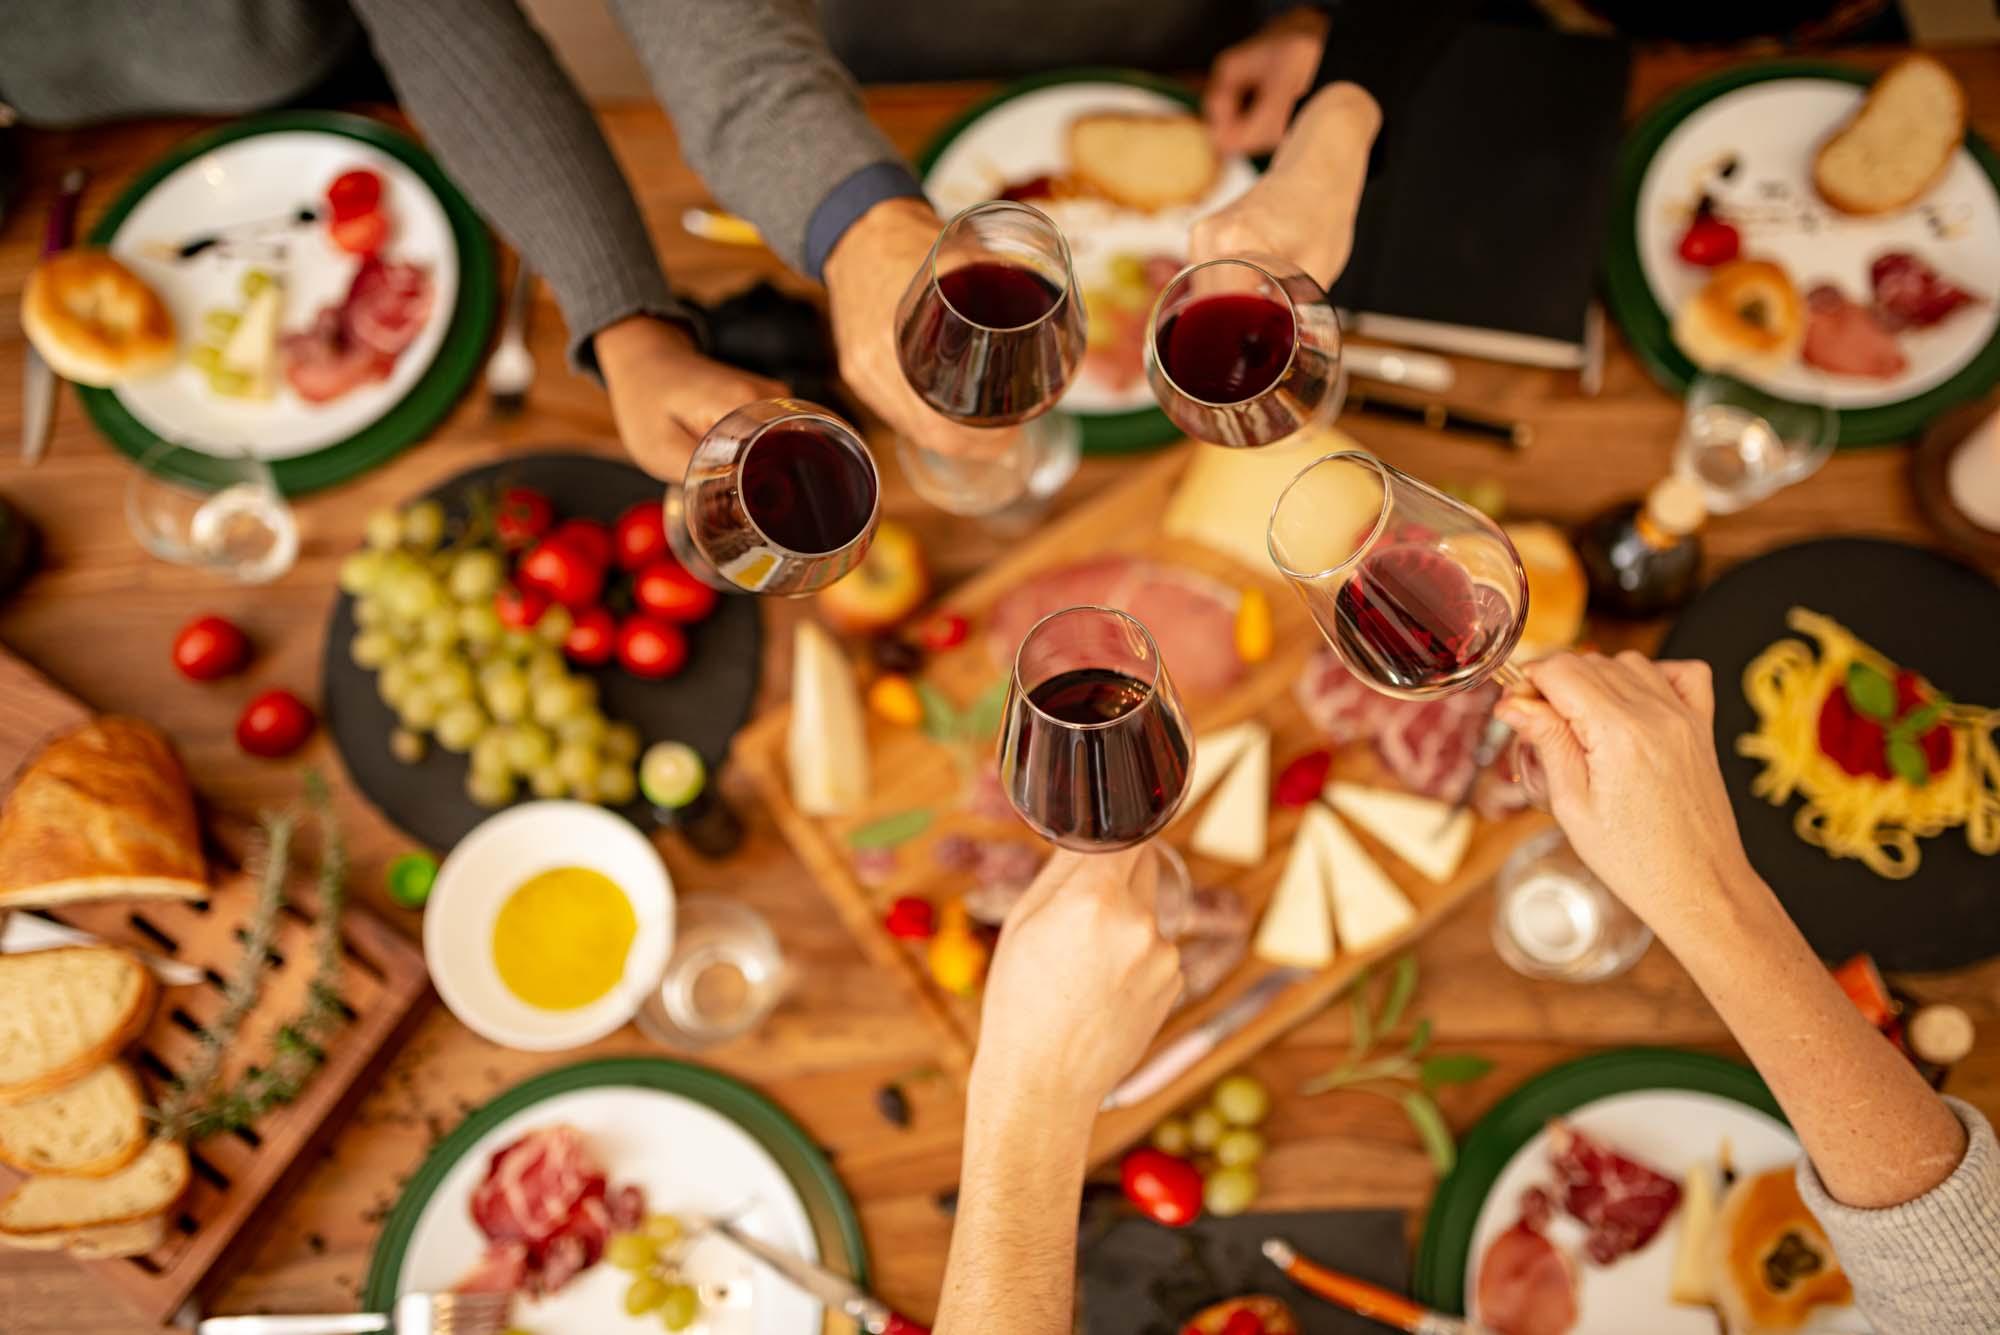 Cucina Amatoriale Cene Aziendali a Perugia